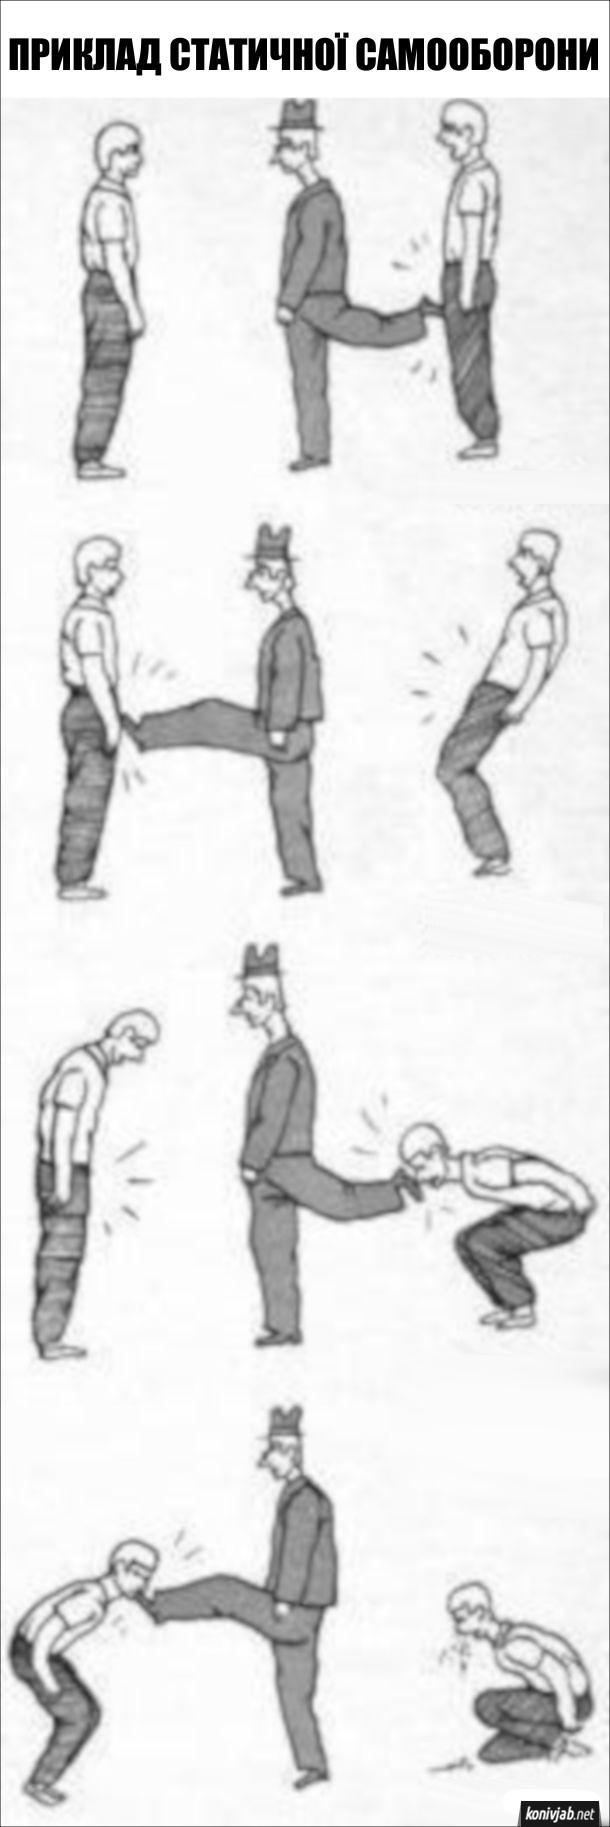 Смішна самооборона. Приклад статичної самооборони проти двох хуліганів